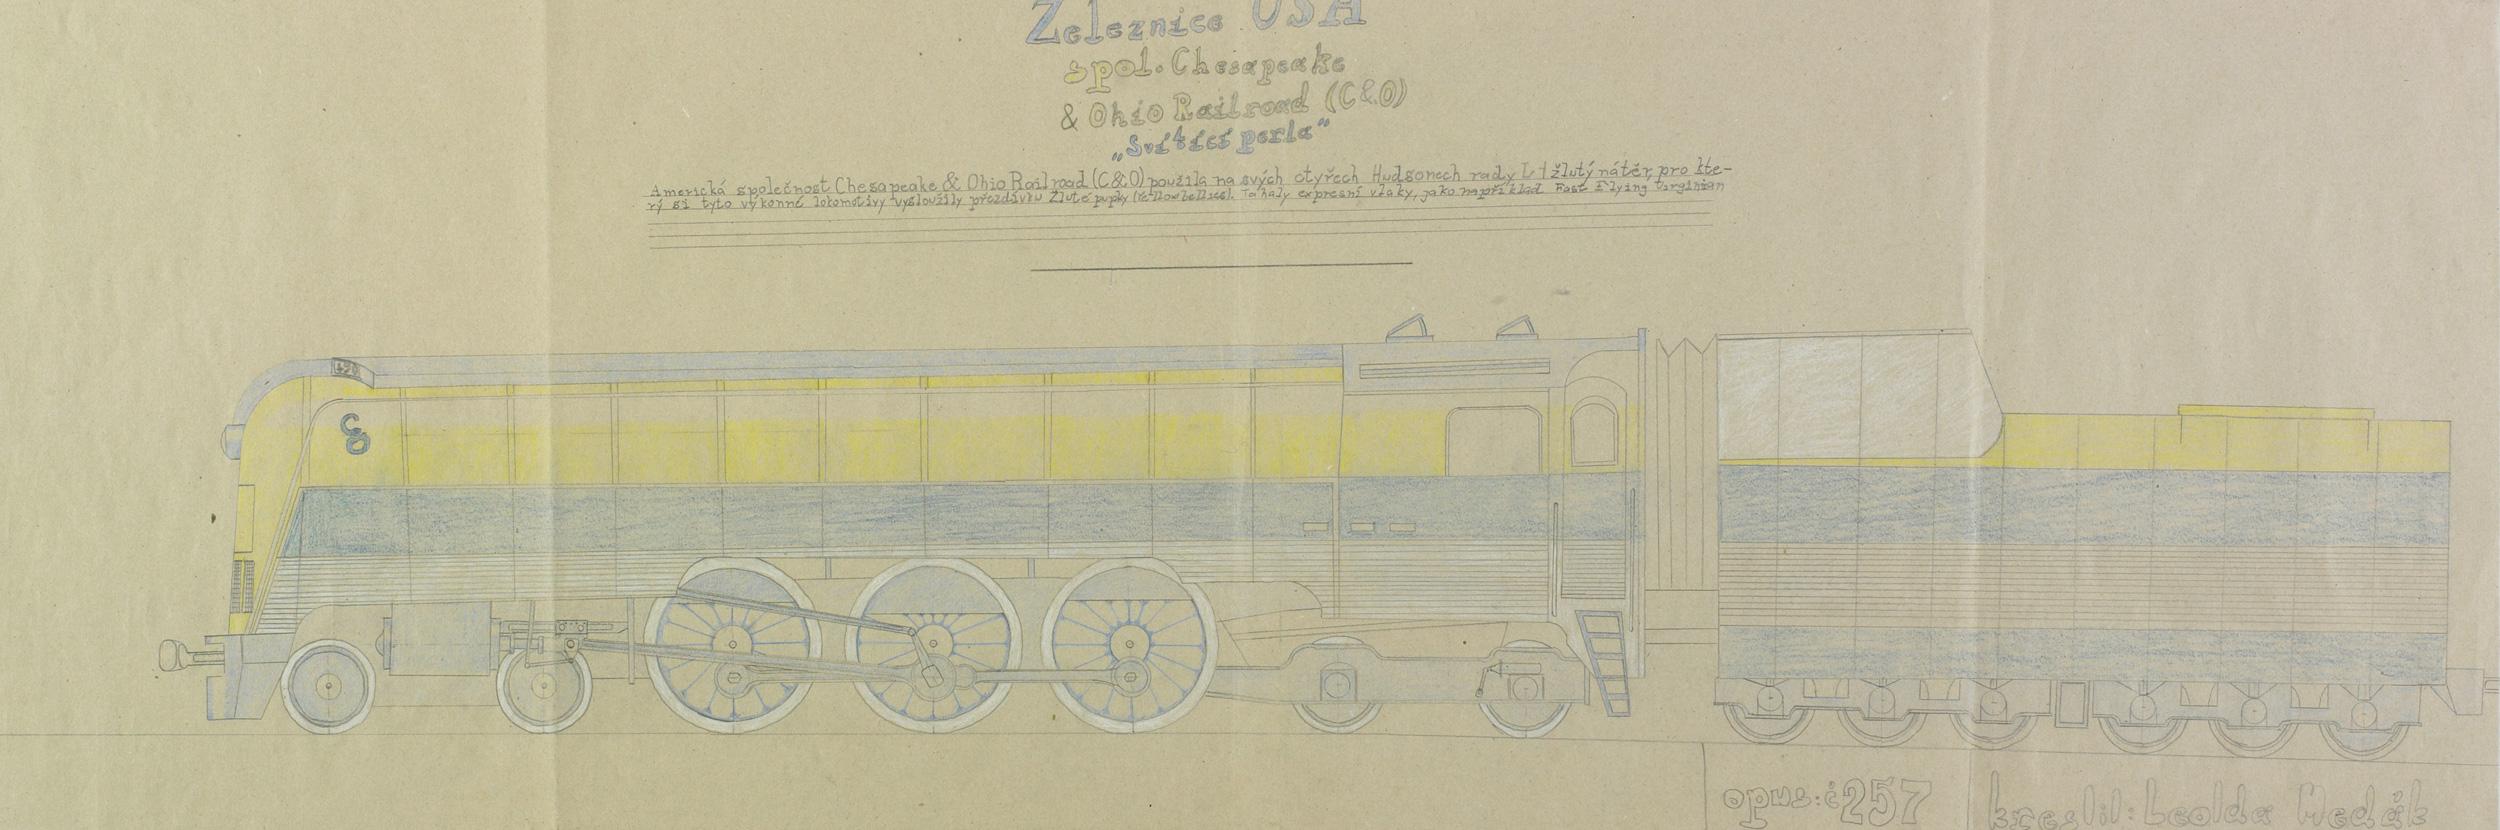 """wertheimer leoš - Železnice USA spol. Chesapeake & Ohio Railroad (C&O), """"Svitici perla"""", opus: č 257"""